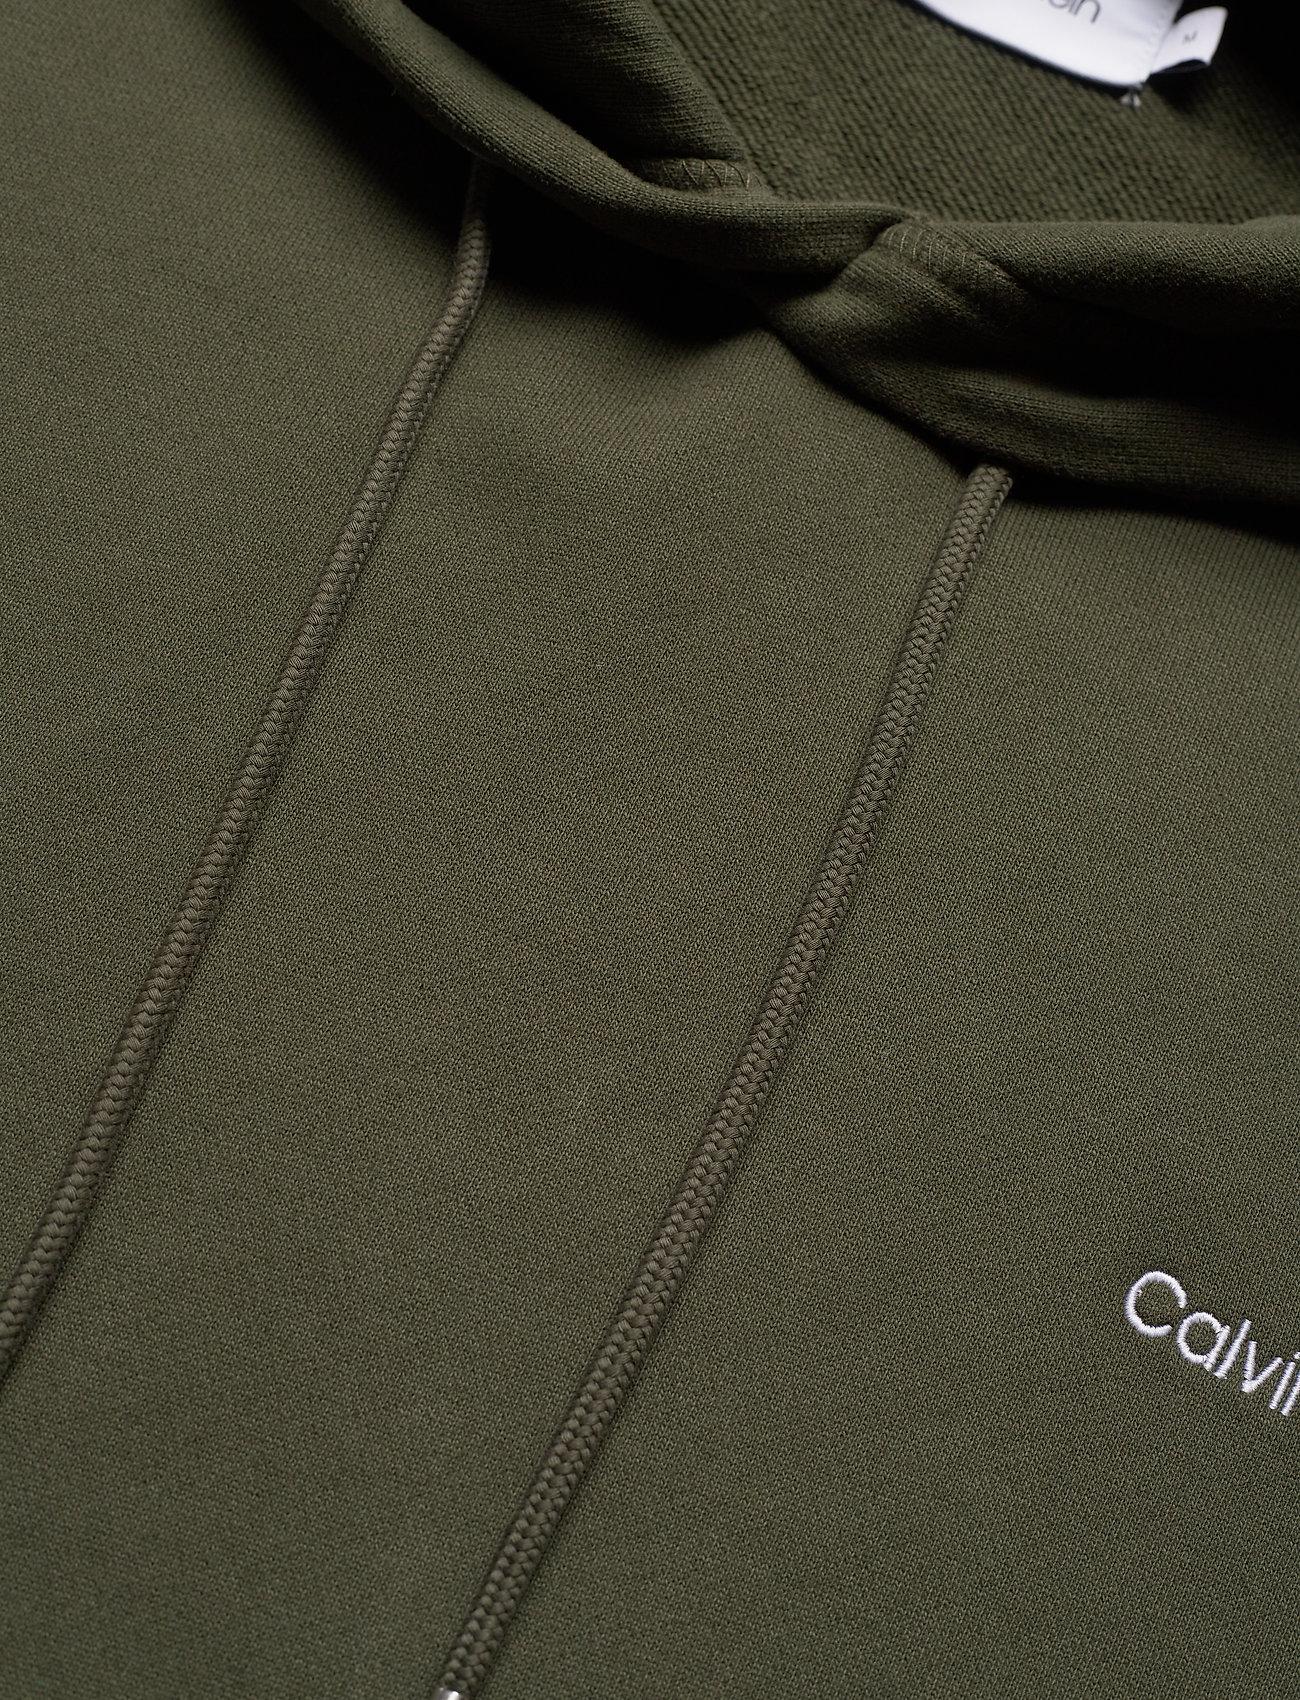 Calvin Klein - LOGO EMBROIDERY HOODIE - hoodies - dark olive - 2